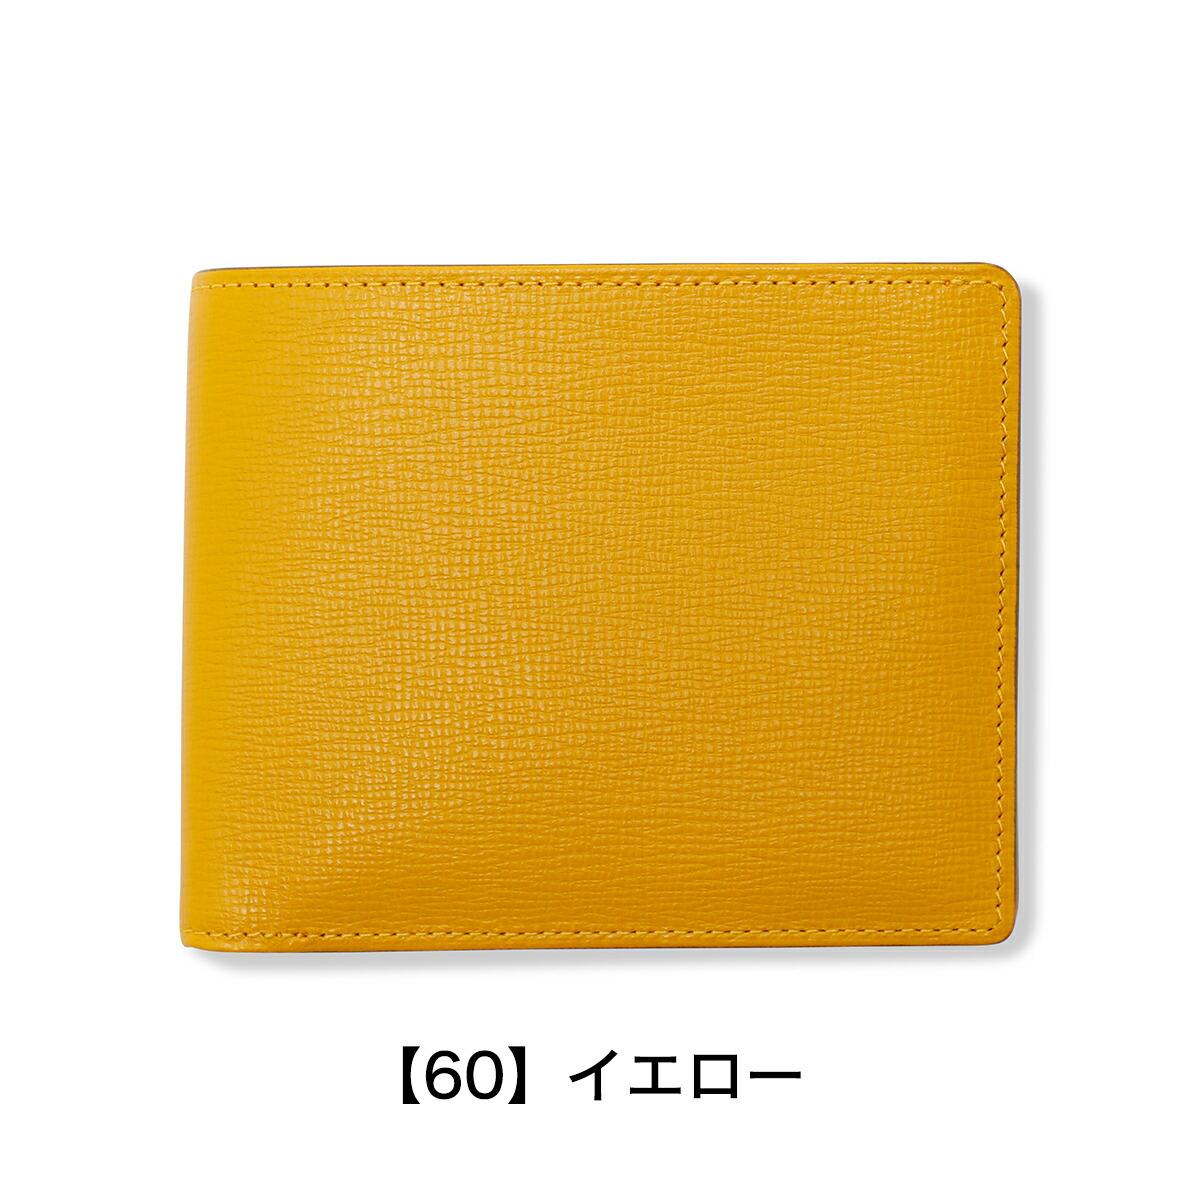 【60】イエロー